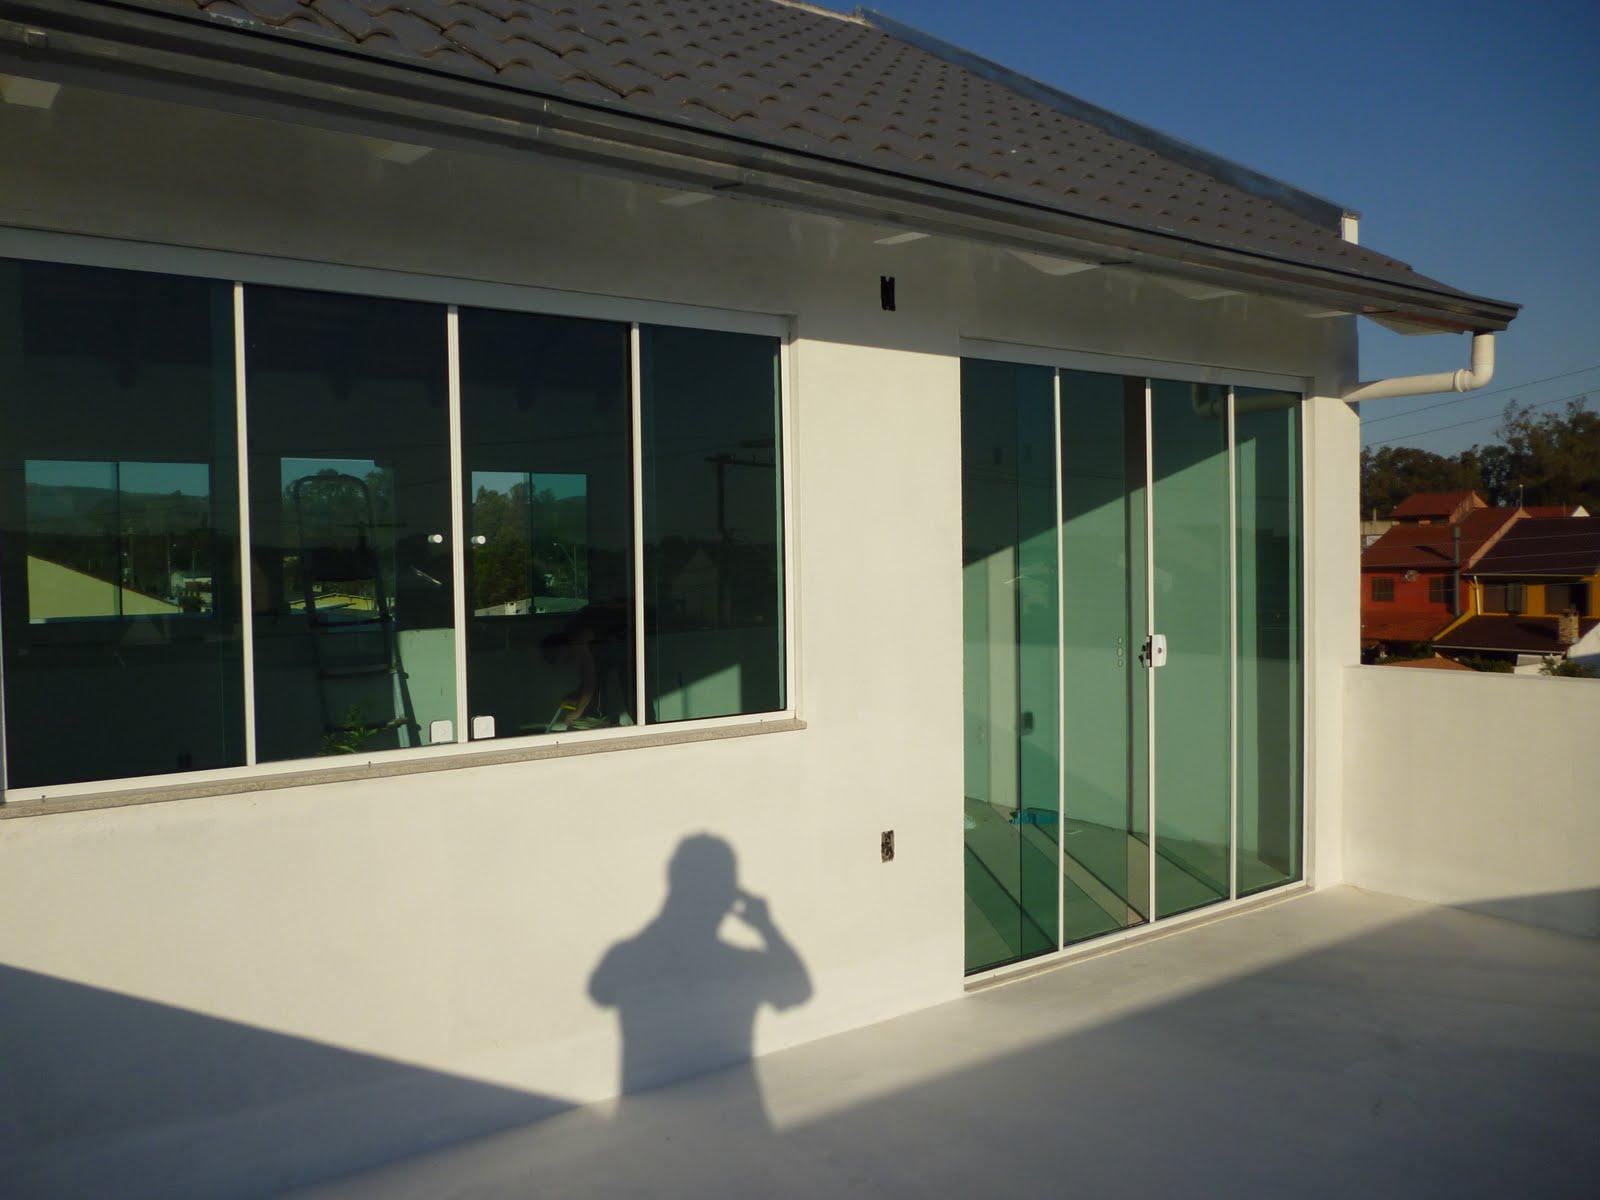 #663619 janelas de vidro verde 5 402 Janelas De Vidros